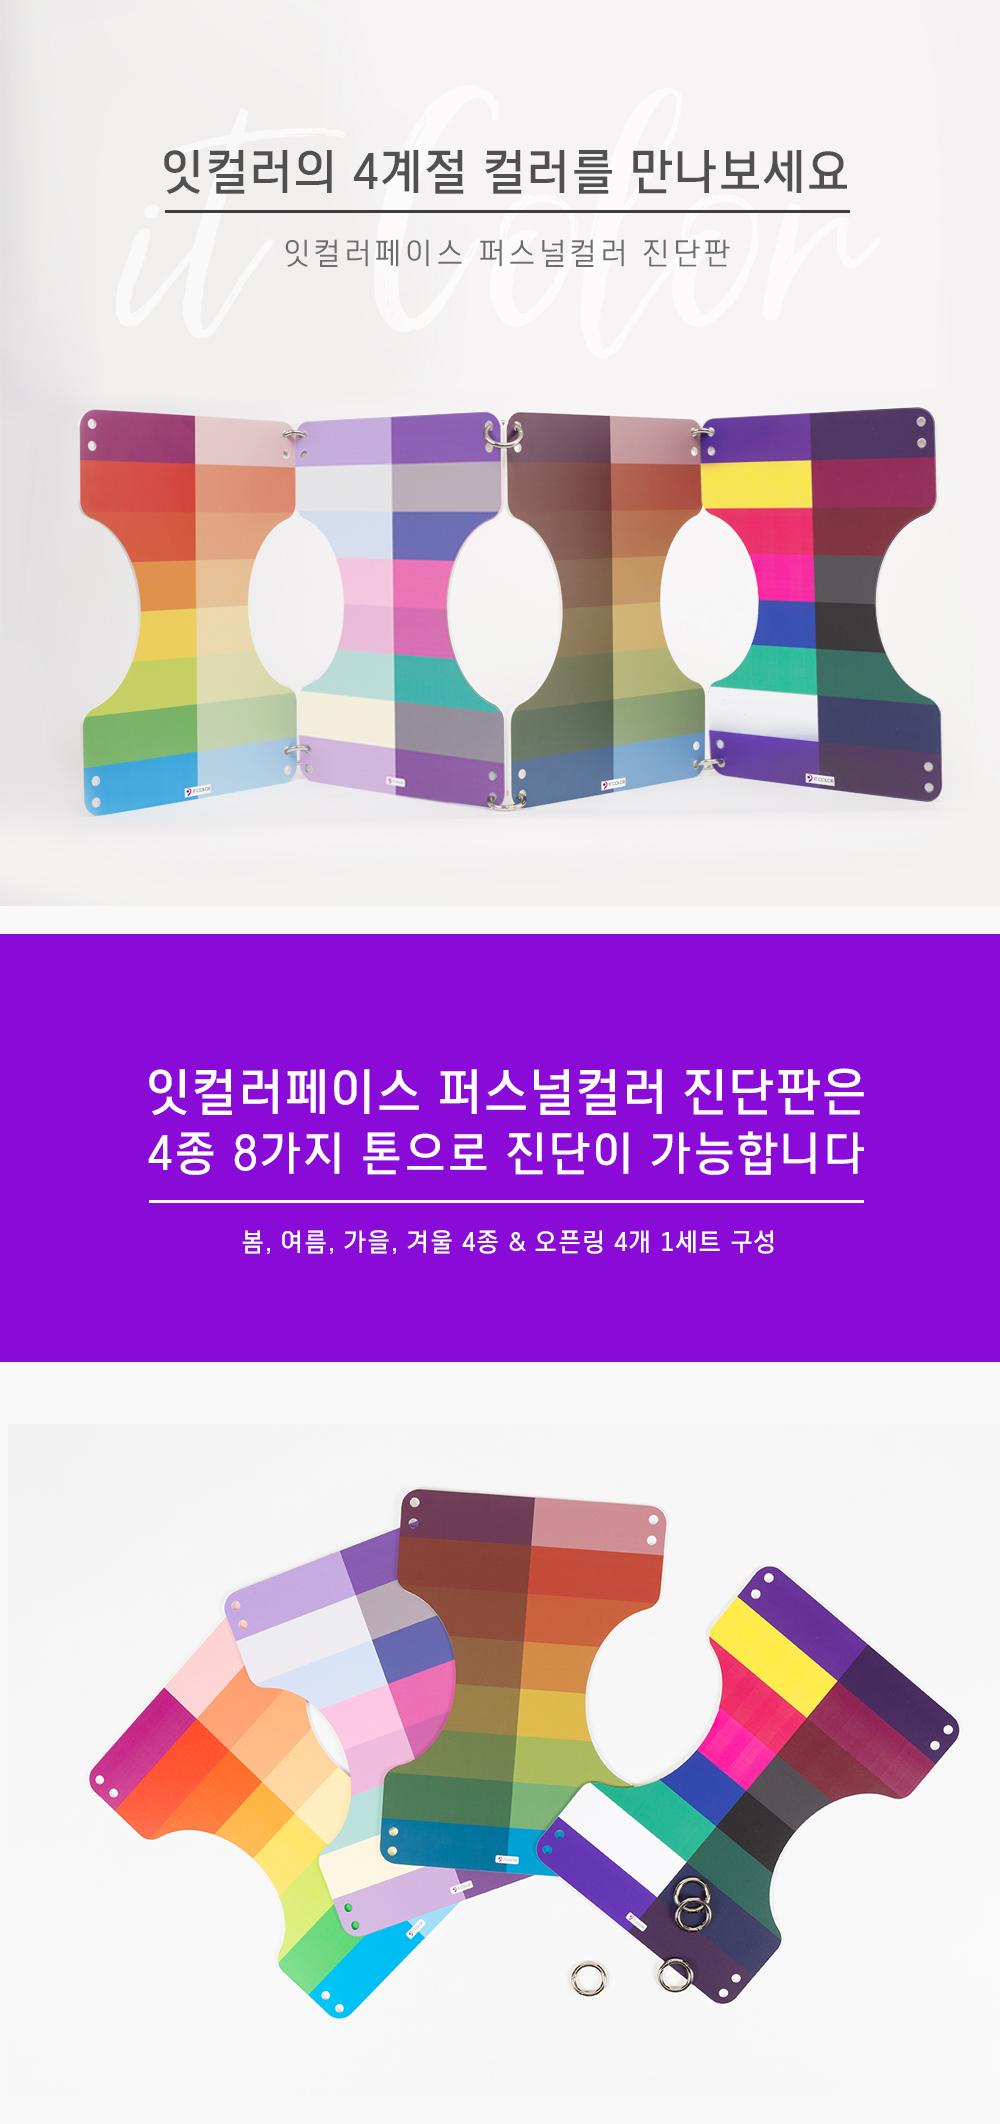 잇컬러 페이스_어울리는 색을 쉽게 찾아주는 퍼스널컬러진단판 - 잇컬러, 255,000원, 아이디어 상품, 아이디어 상품